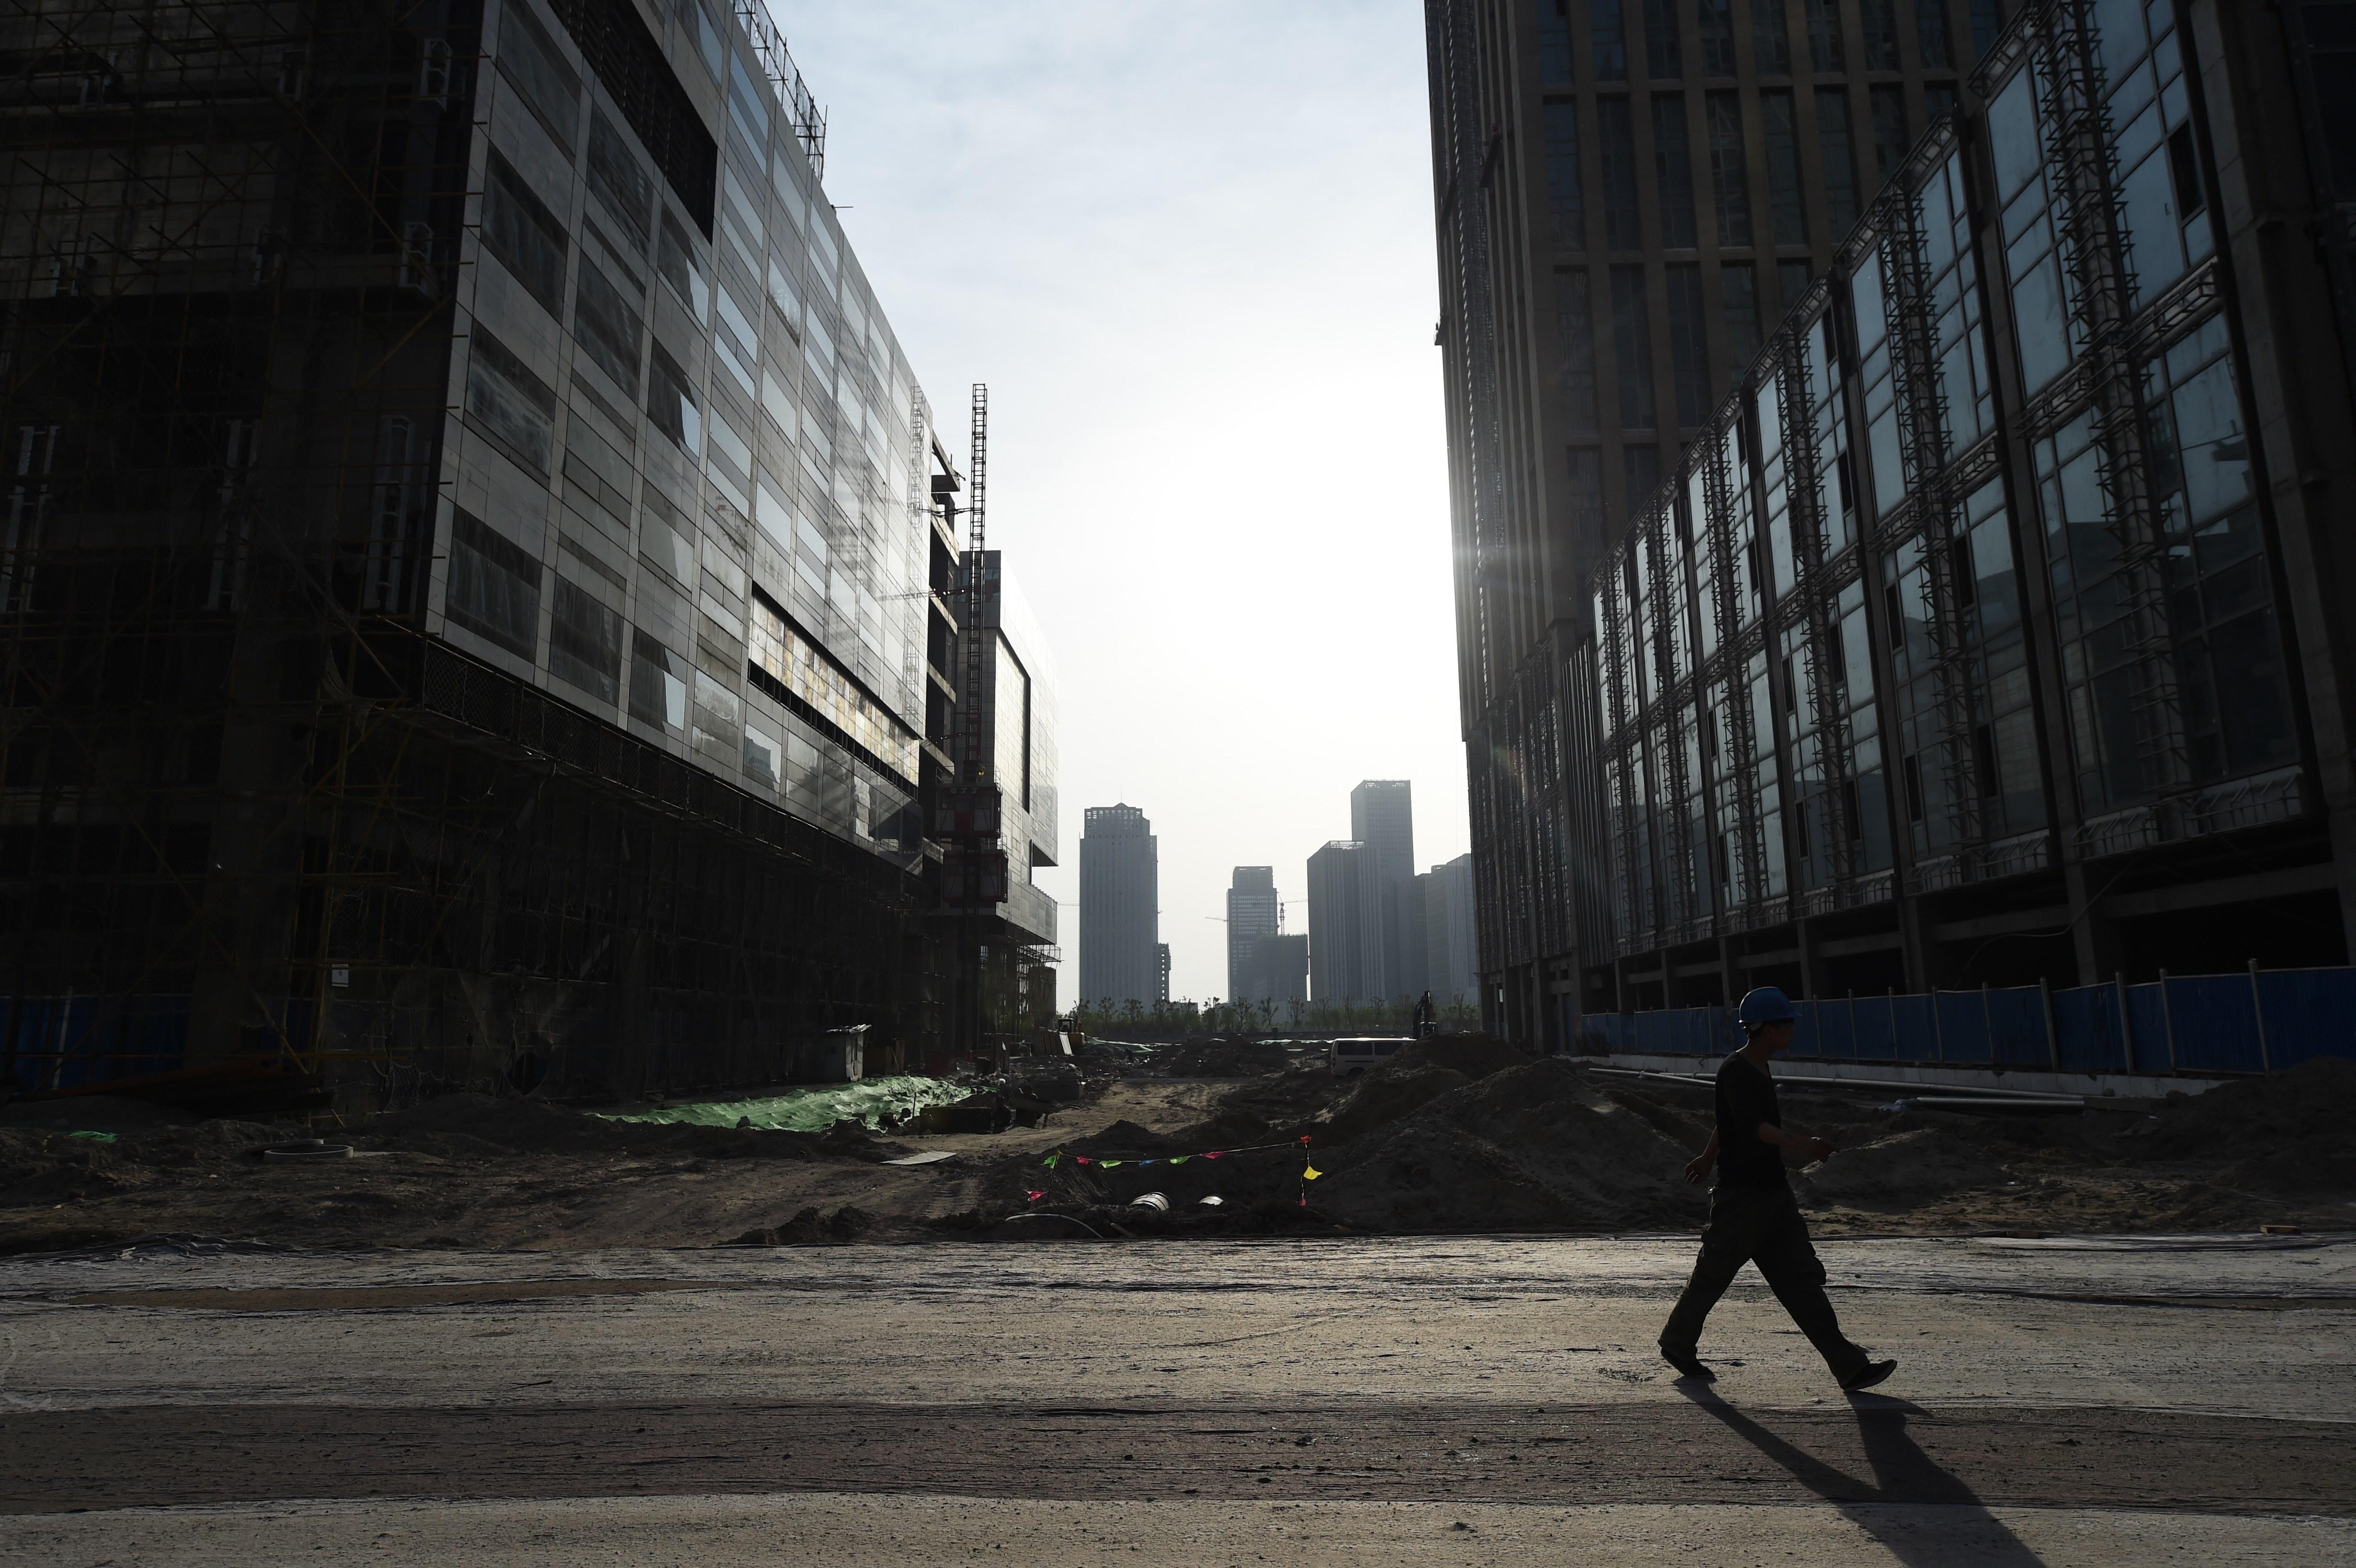 中共地方融資平台恐現違約「連鎖反應」